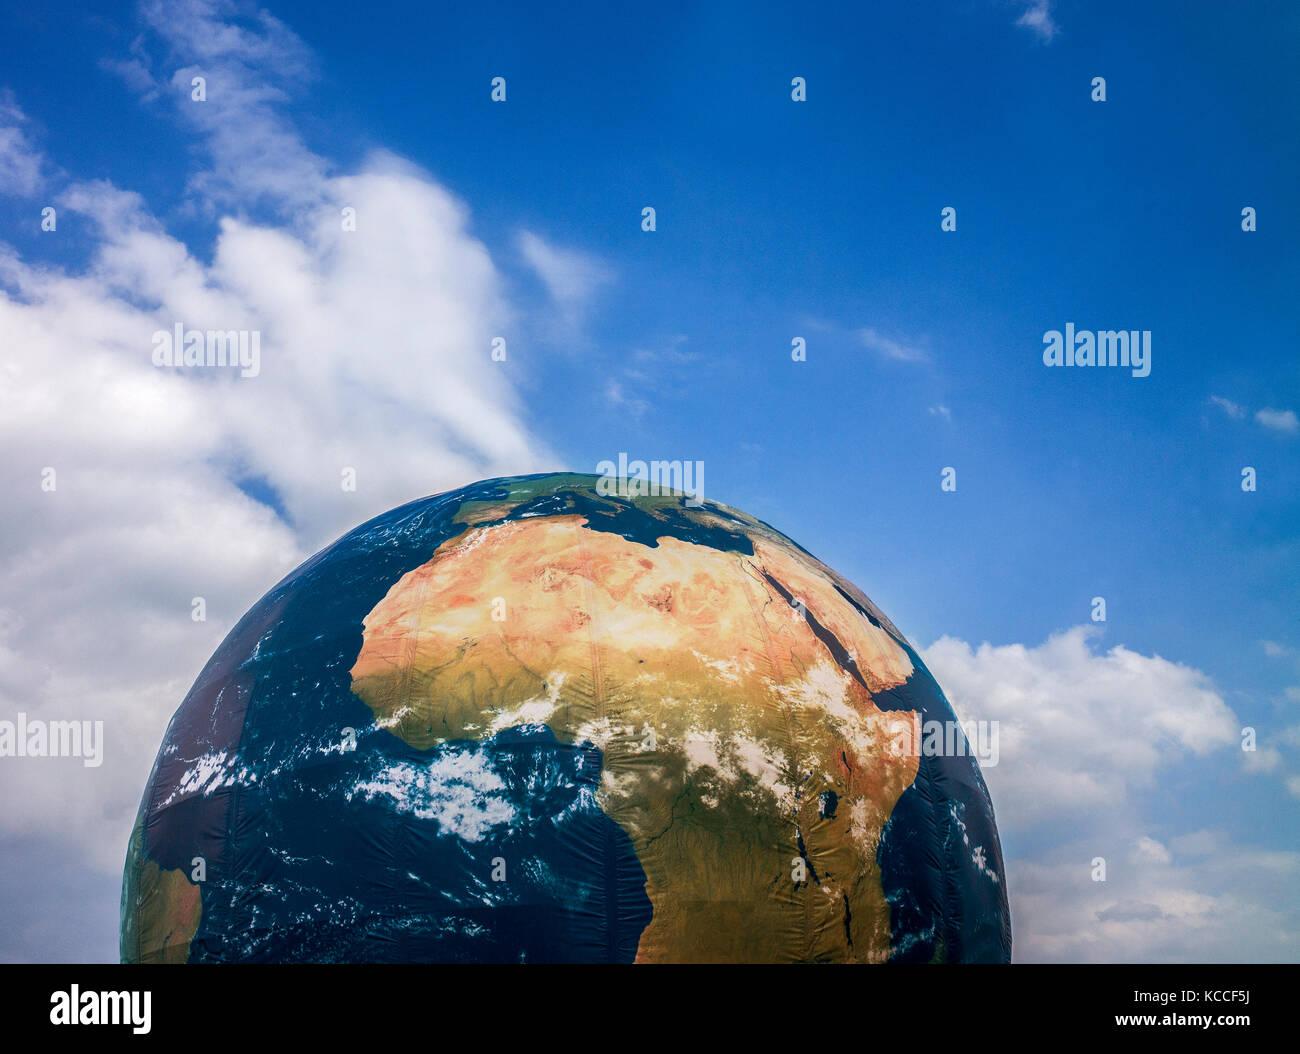 Globe gonflable ,le changement climatique dans l'installation de quais flottants au Danemark aarhus Photo Stock